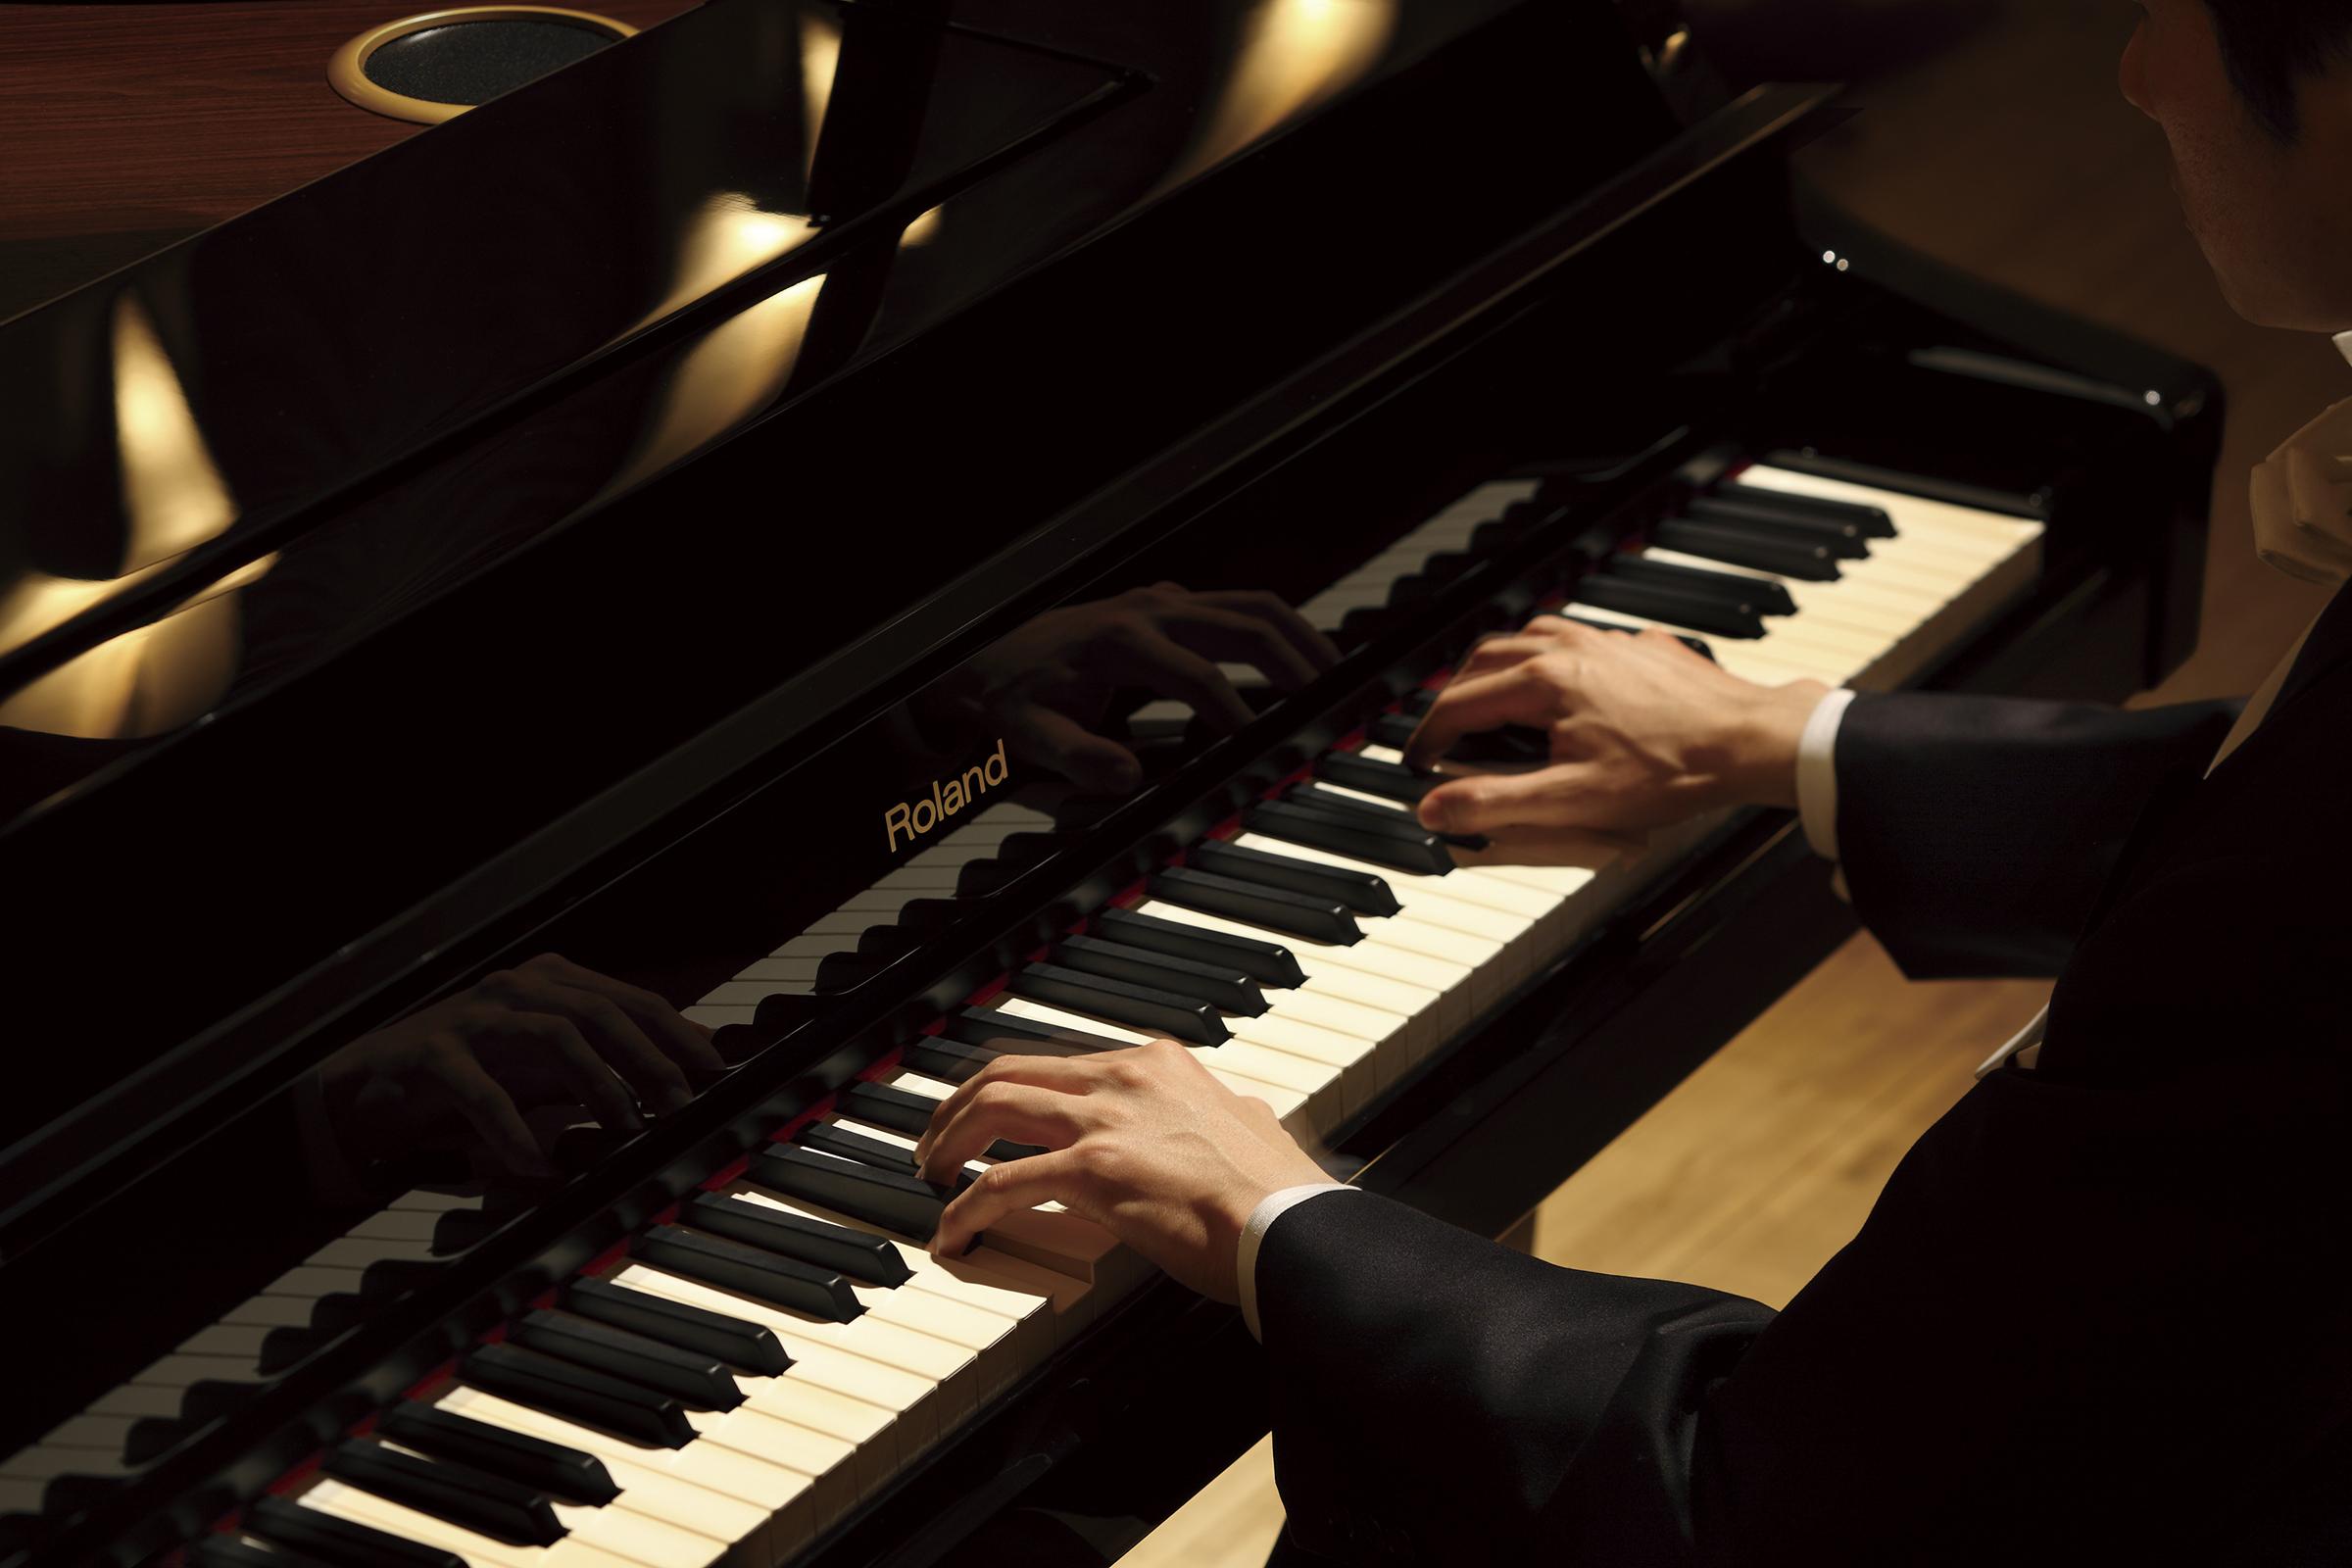 Roland - V-Piano Grand   V-Piano